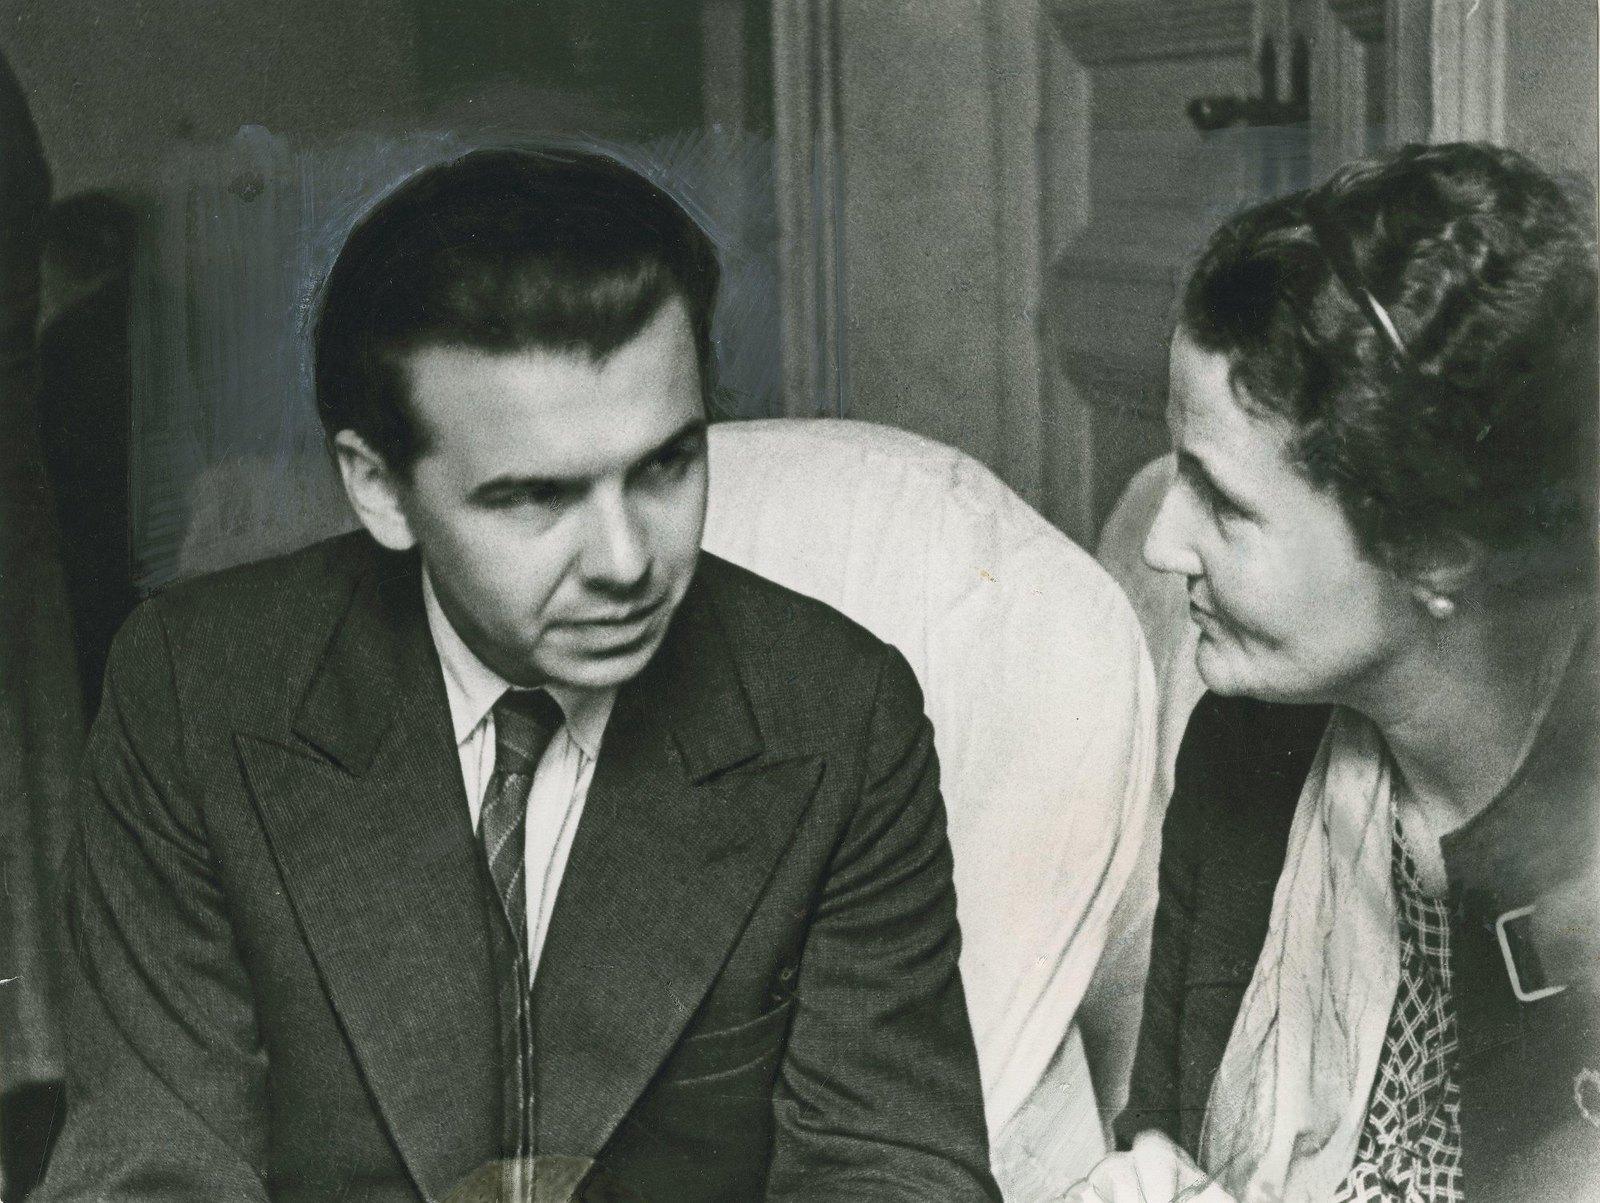 1934. Писатель Леонид Леонов (слева) беседует с английской писательницей на Первом Всесоюзном съезде советских писателей